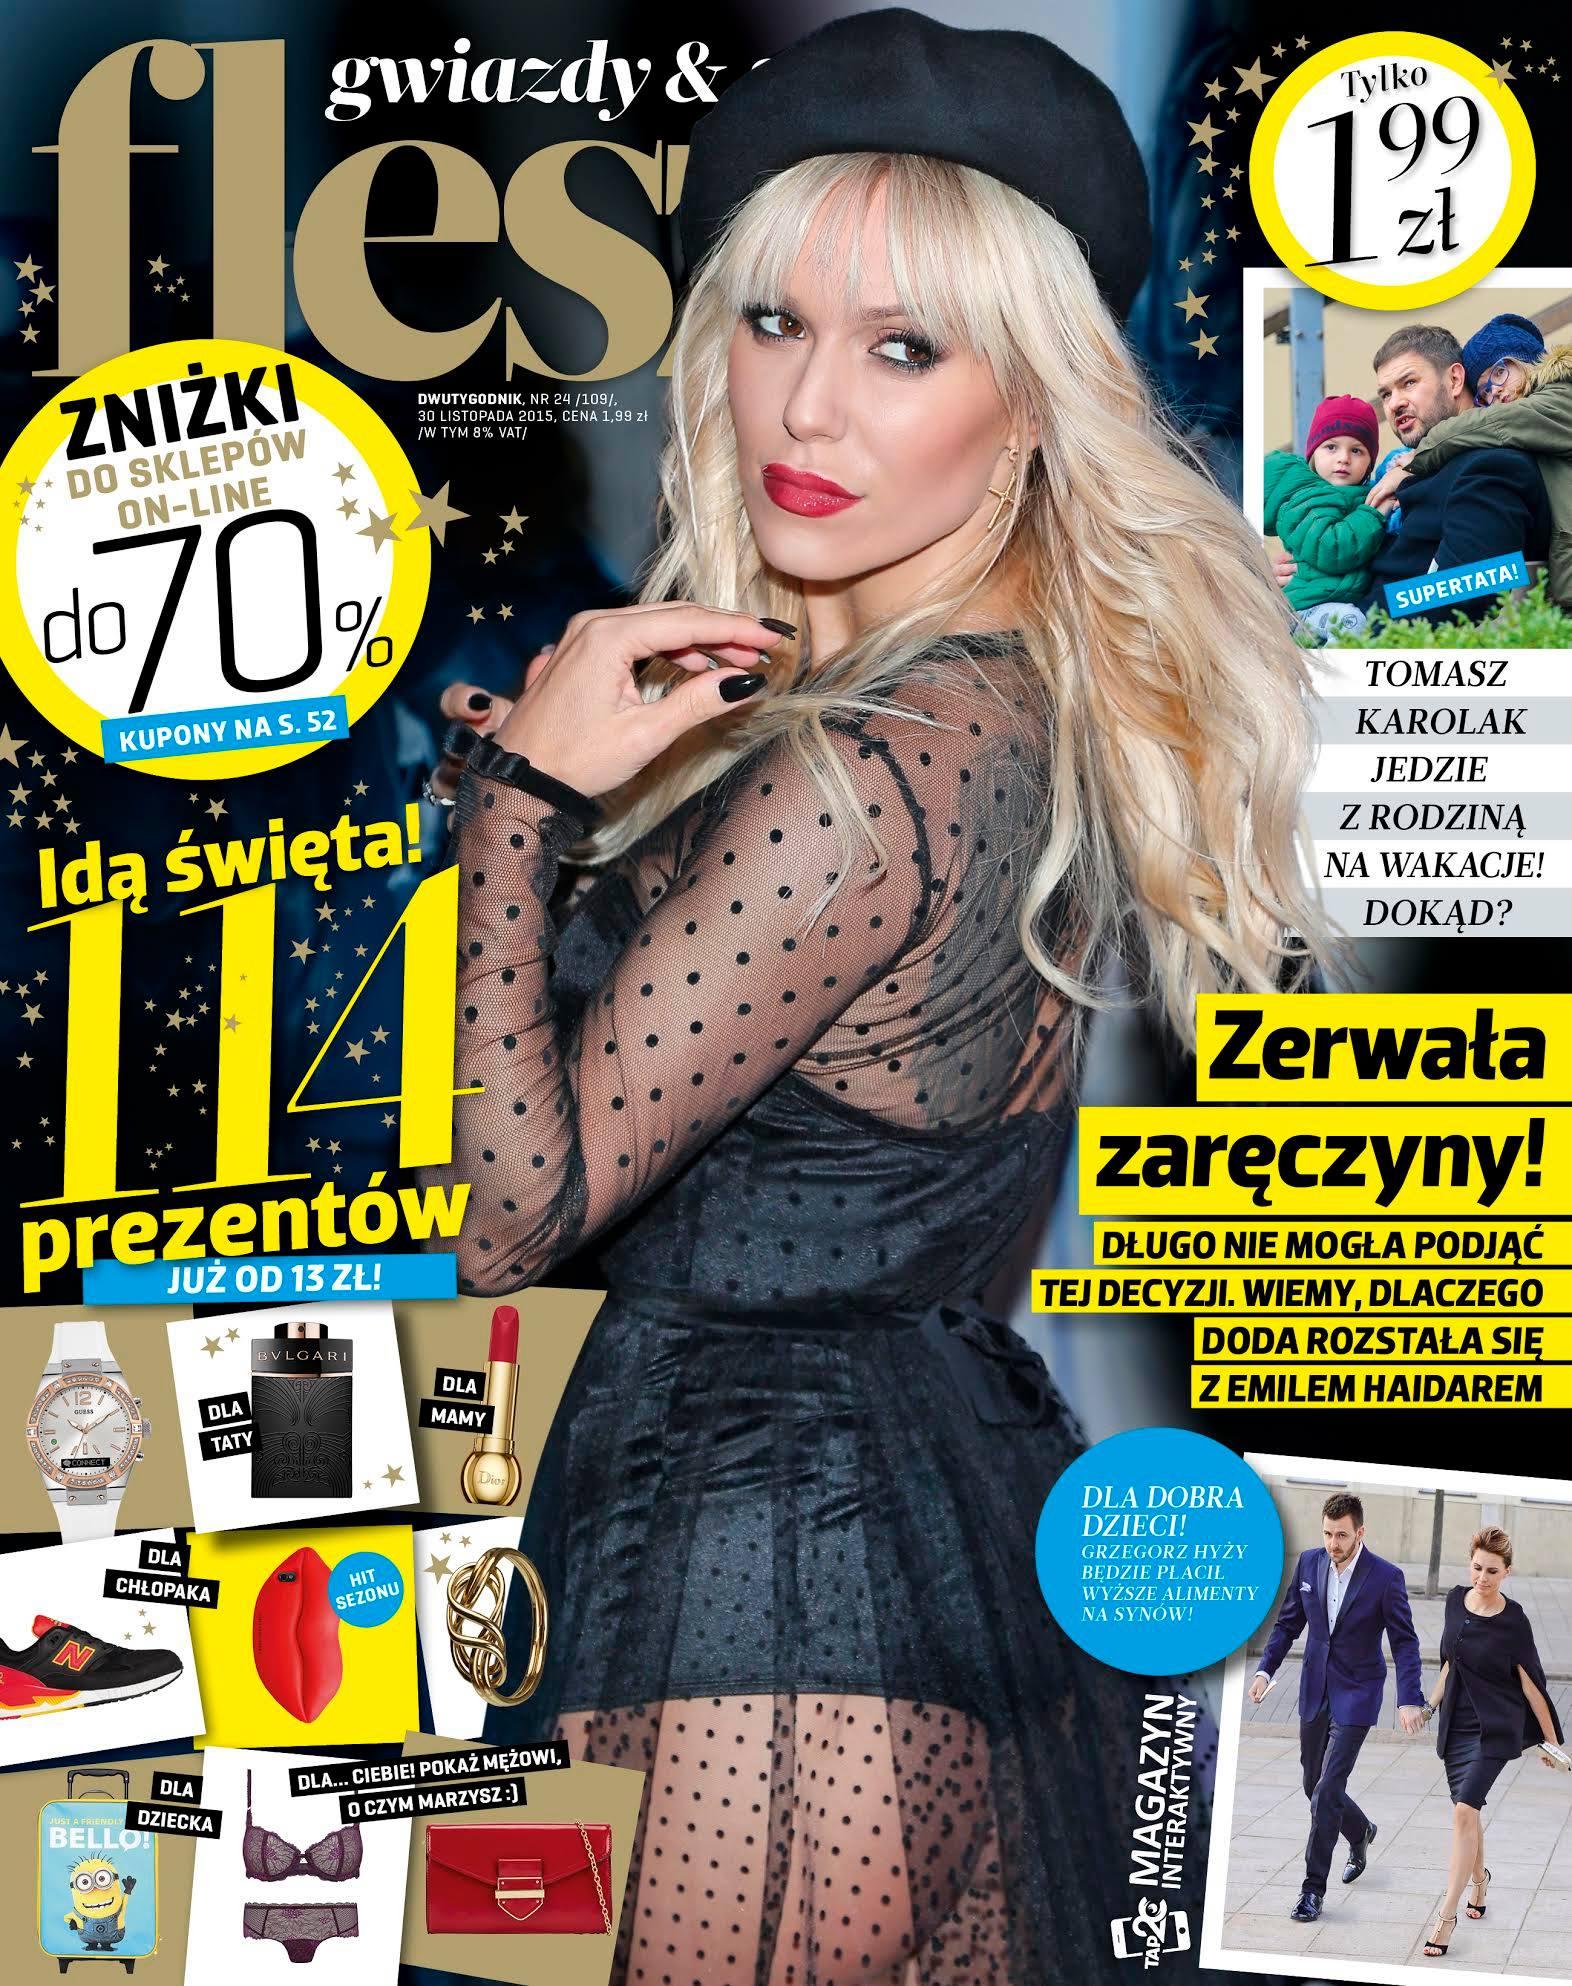 Kupony rabatowe w magazynie Flesz Gwiazdy & Styl w całej Polsce                         title=